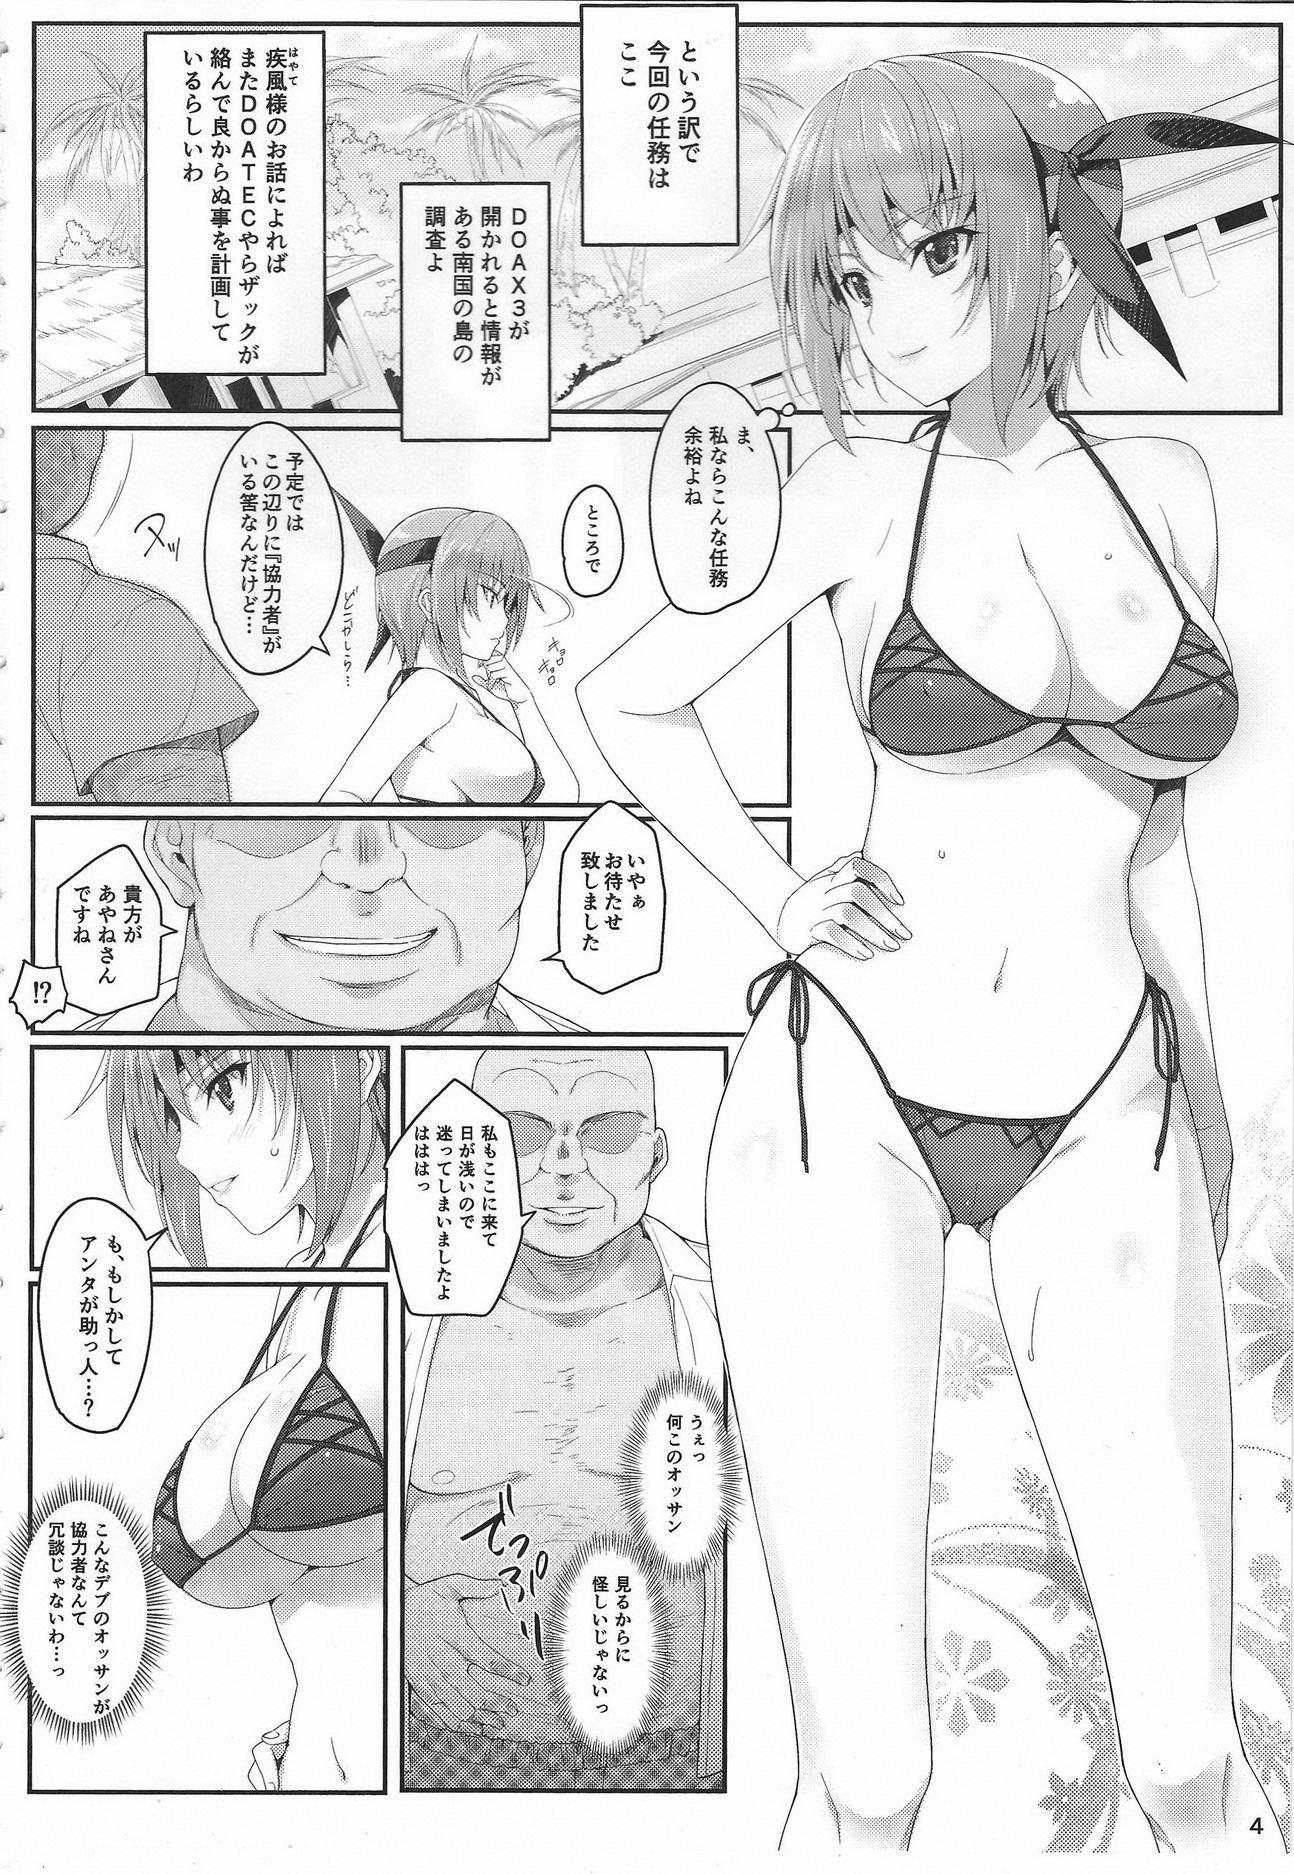 【エロ漫画】パイパン巨乳あやねちゃんが南の島でおっさんに強引に青姦セックスされてしまいますwwwww毎日セックス三昧で妊娠不可避の中出し種付けされてますwwwww